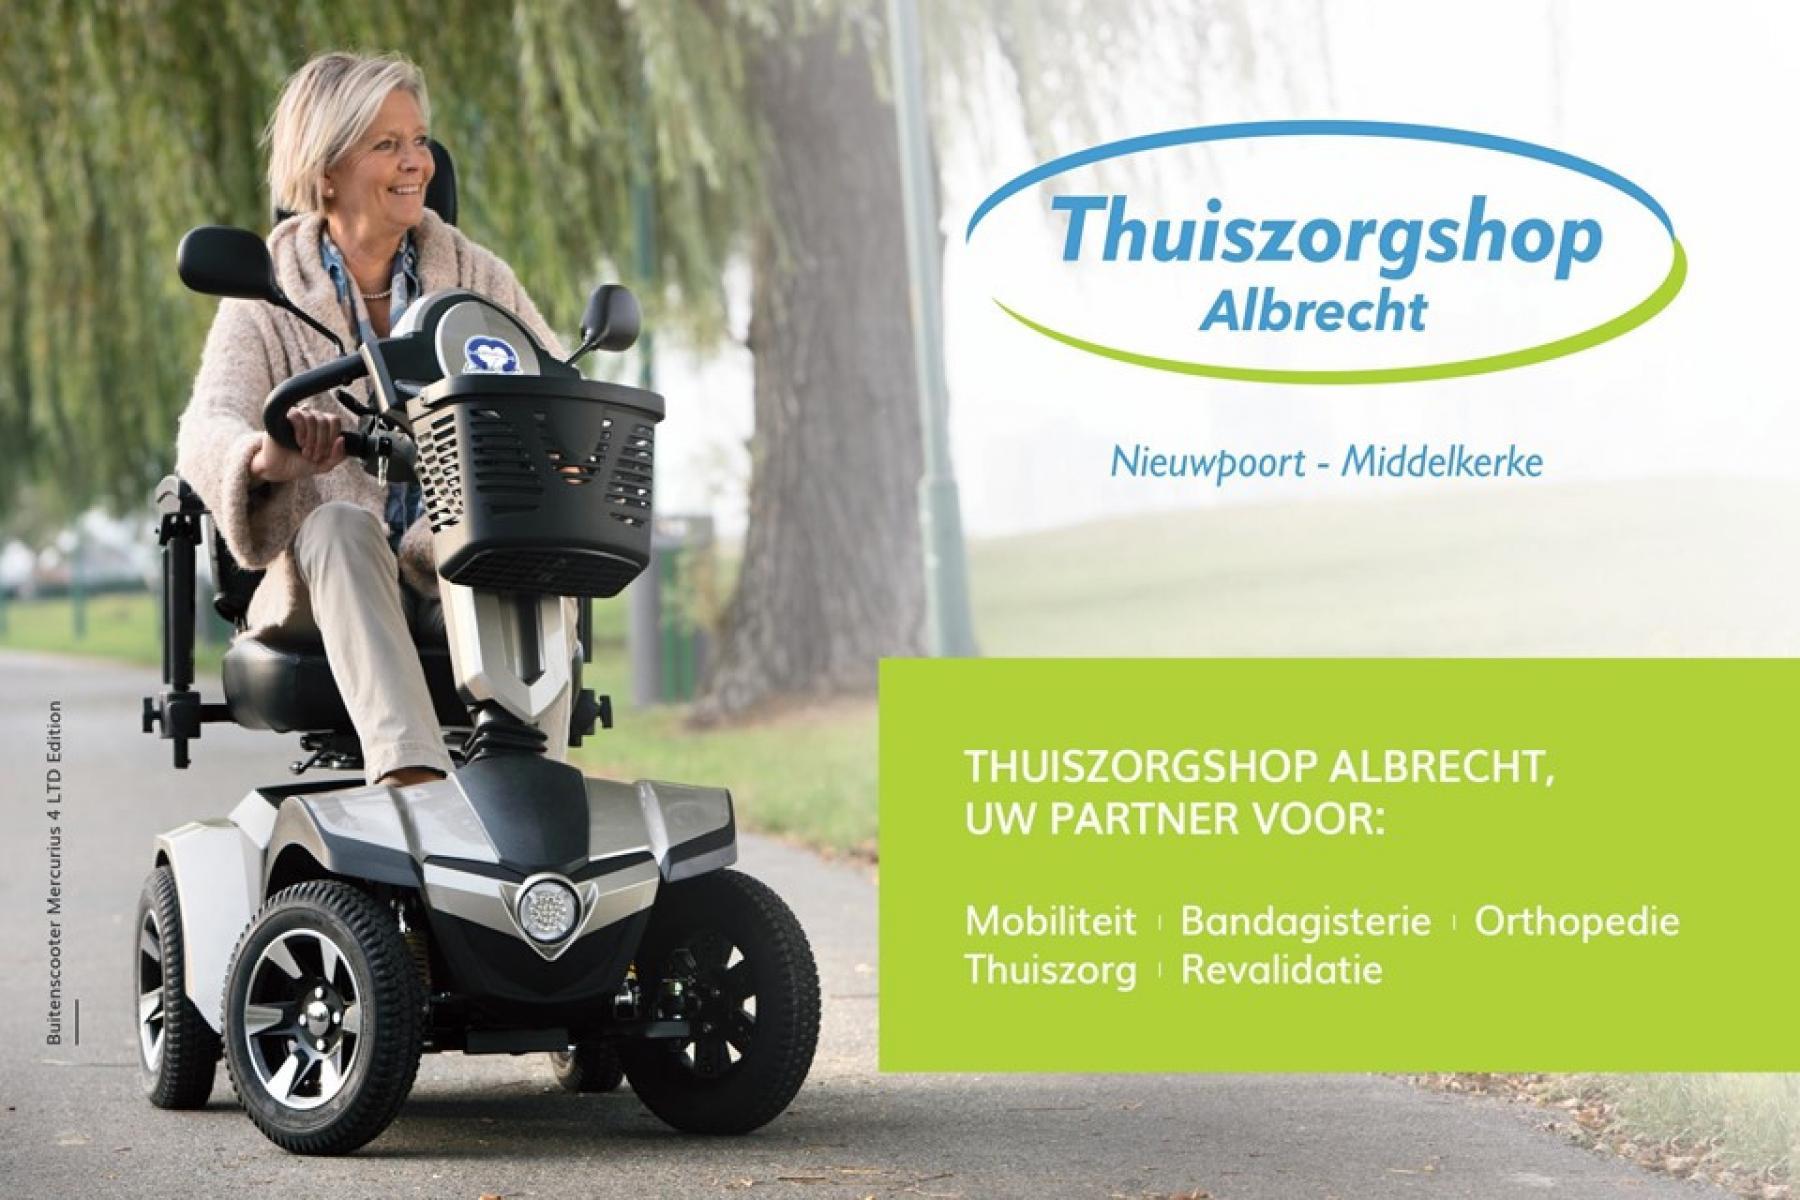 Thuiszorgshop Albrecht